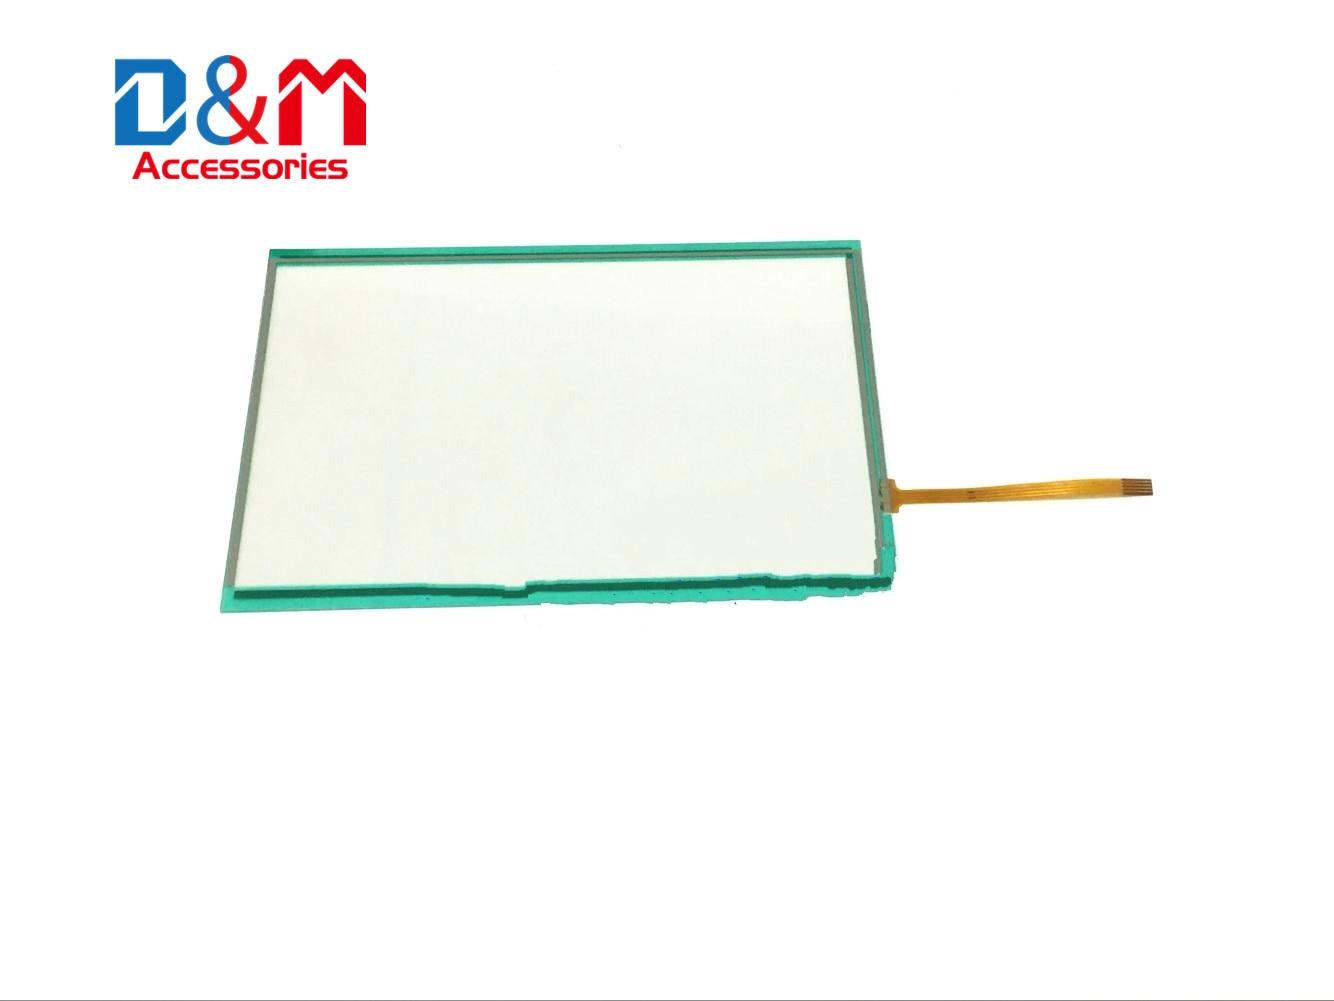 1PC Touch Screen For Ricoh Aficio MPC2000 MPC2500 MPC3500 MPC4500 MP C2500 C2000 C3500 Copier Touch Screen Panel